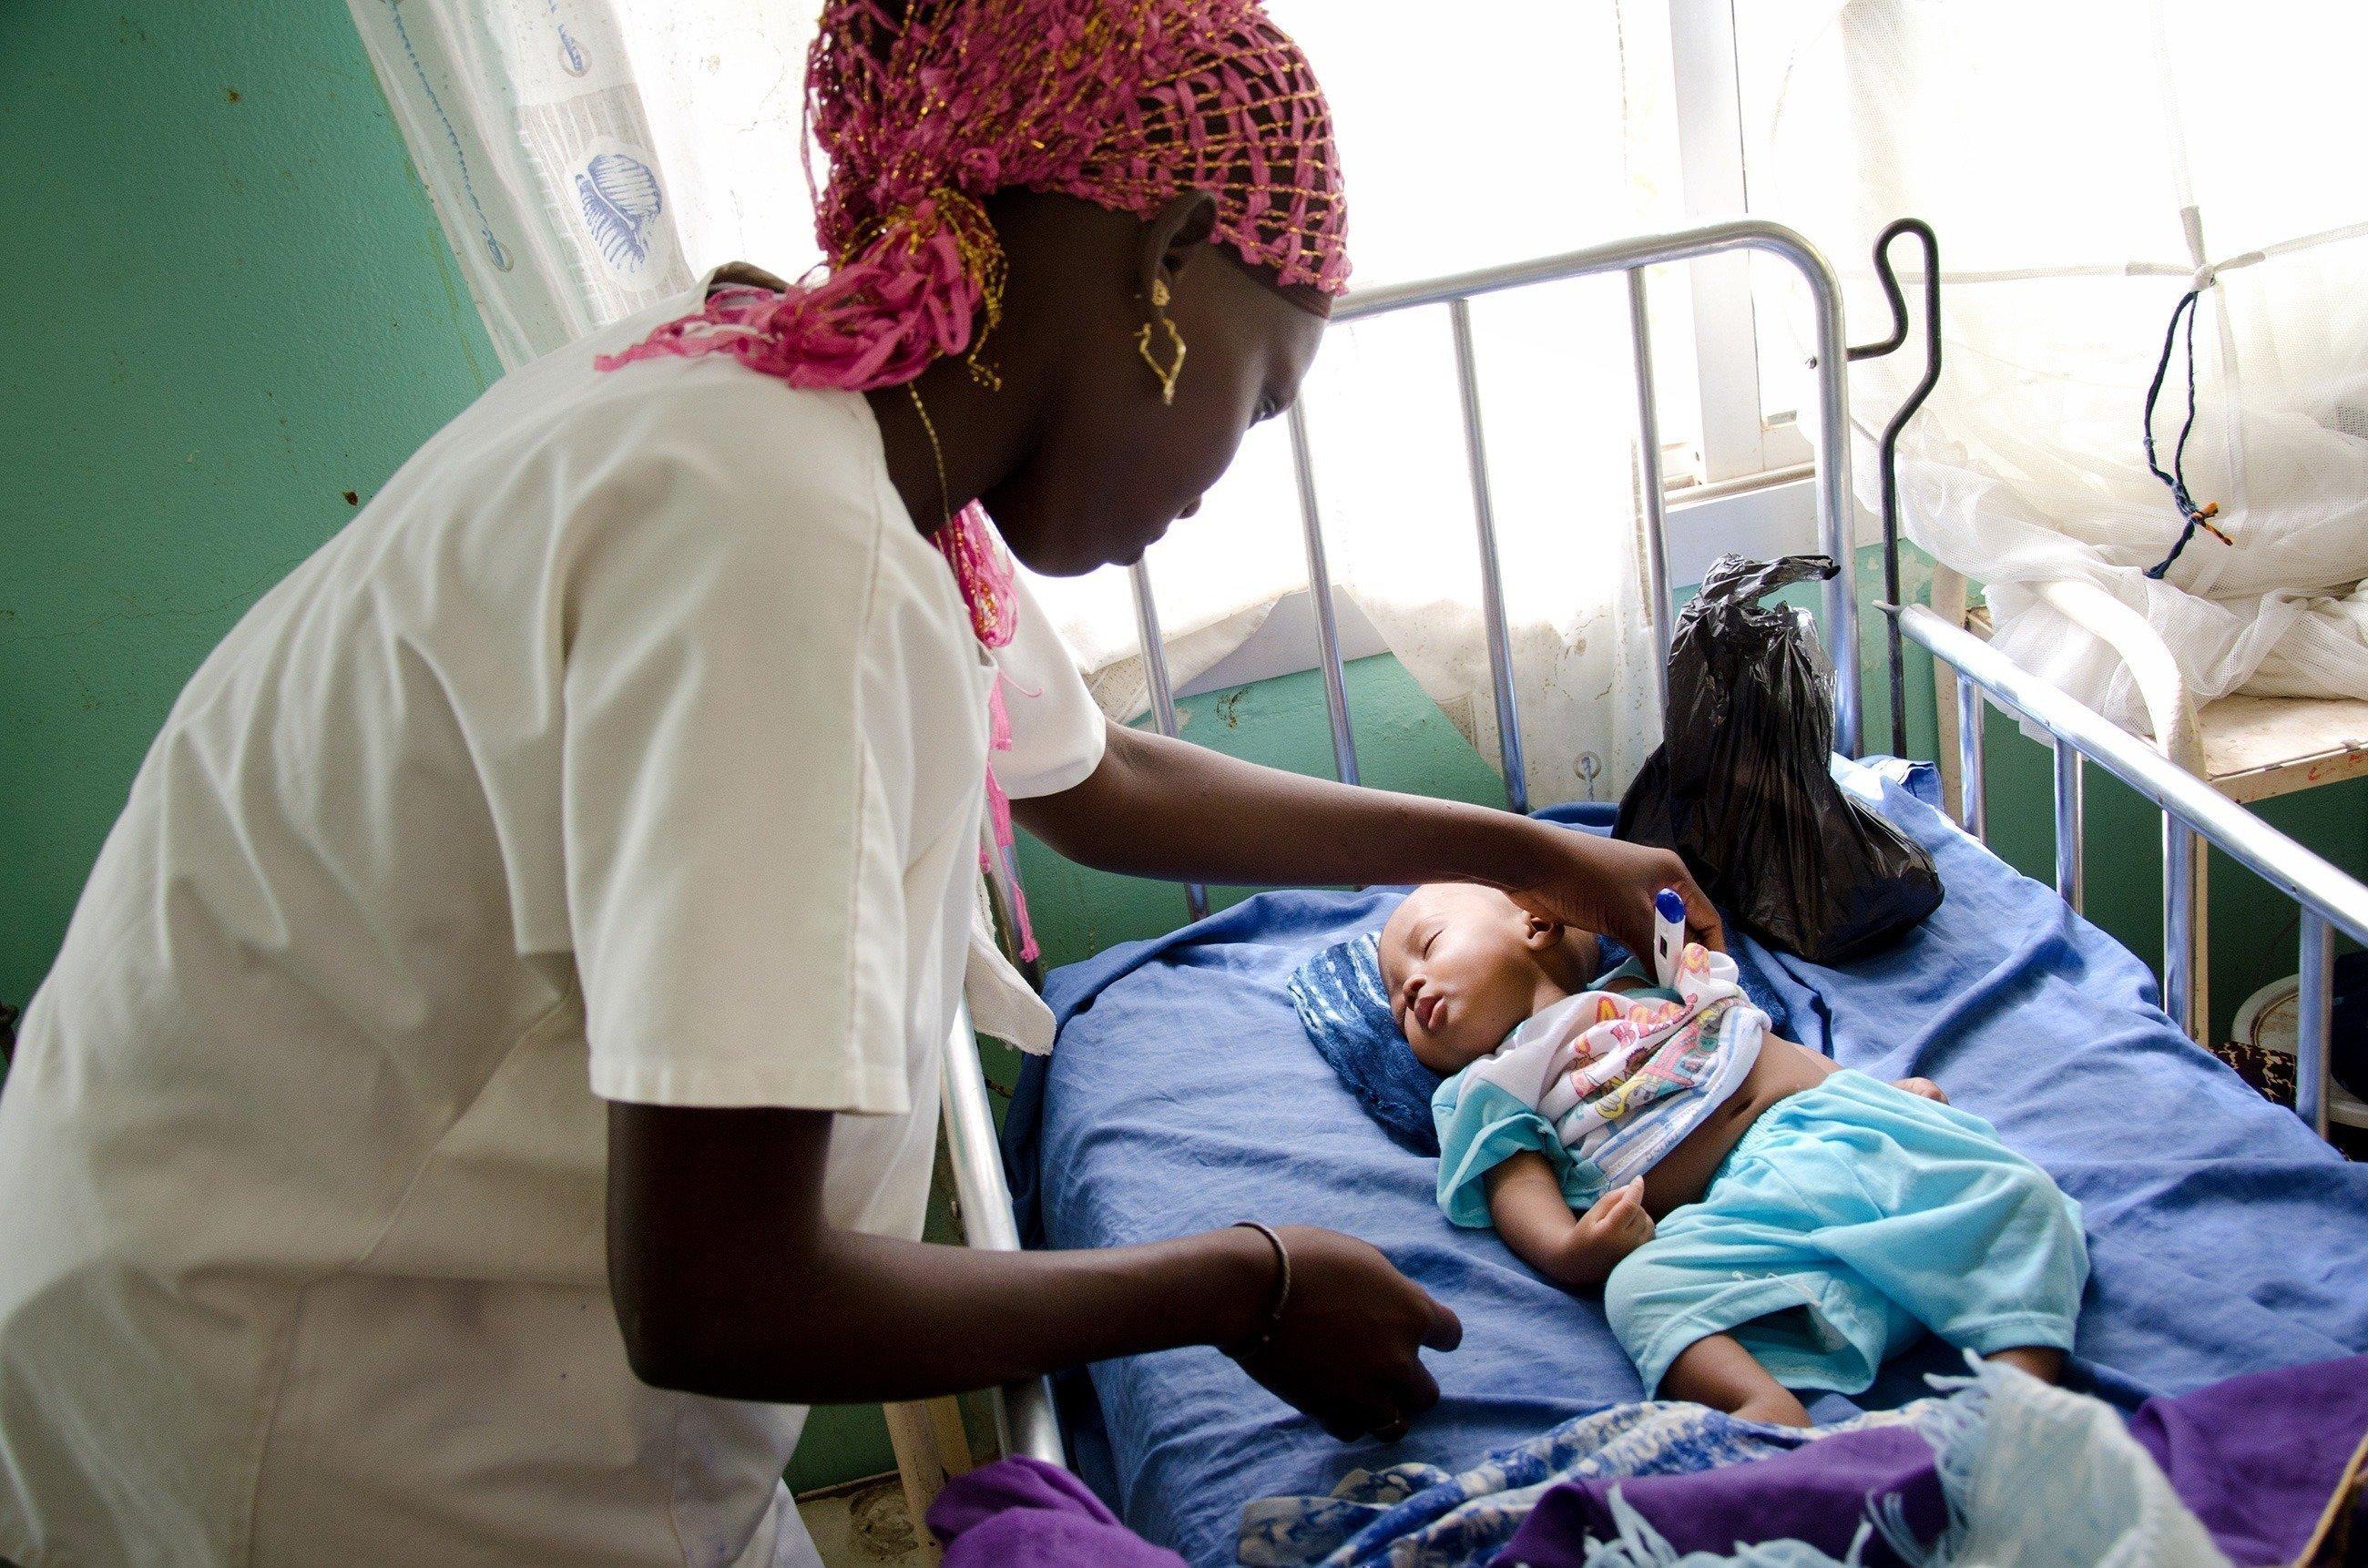 Baby wird in einer Klinik von einer Ärztin versorgt.